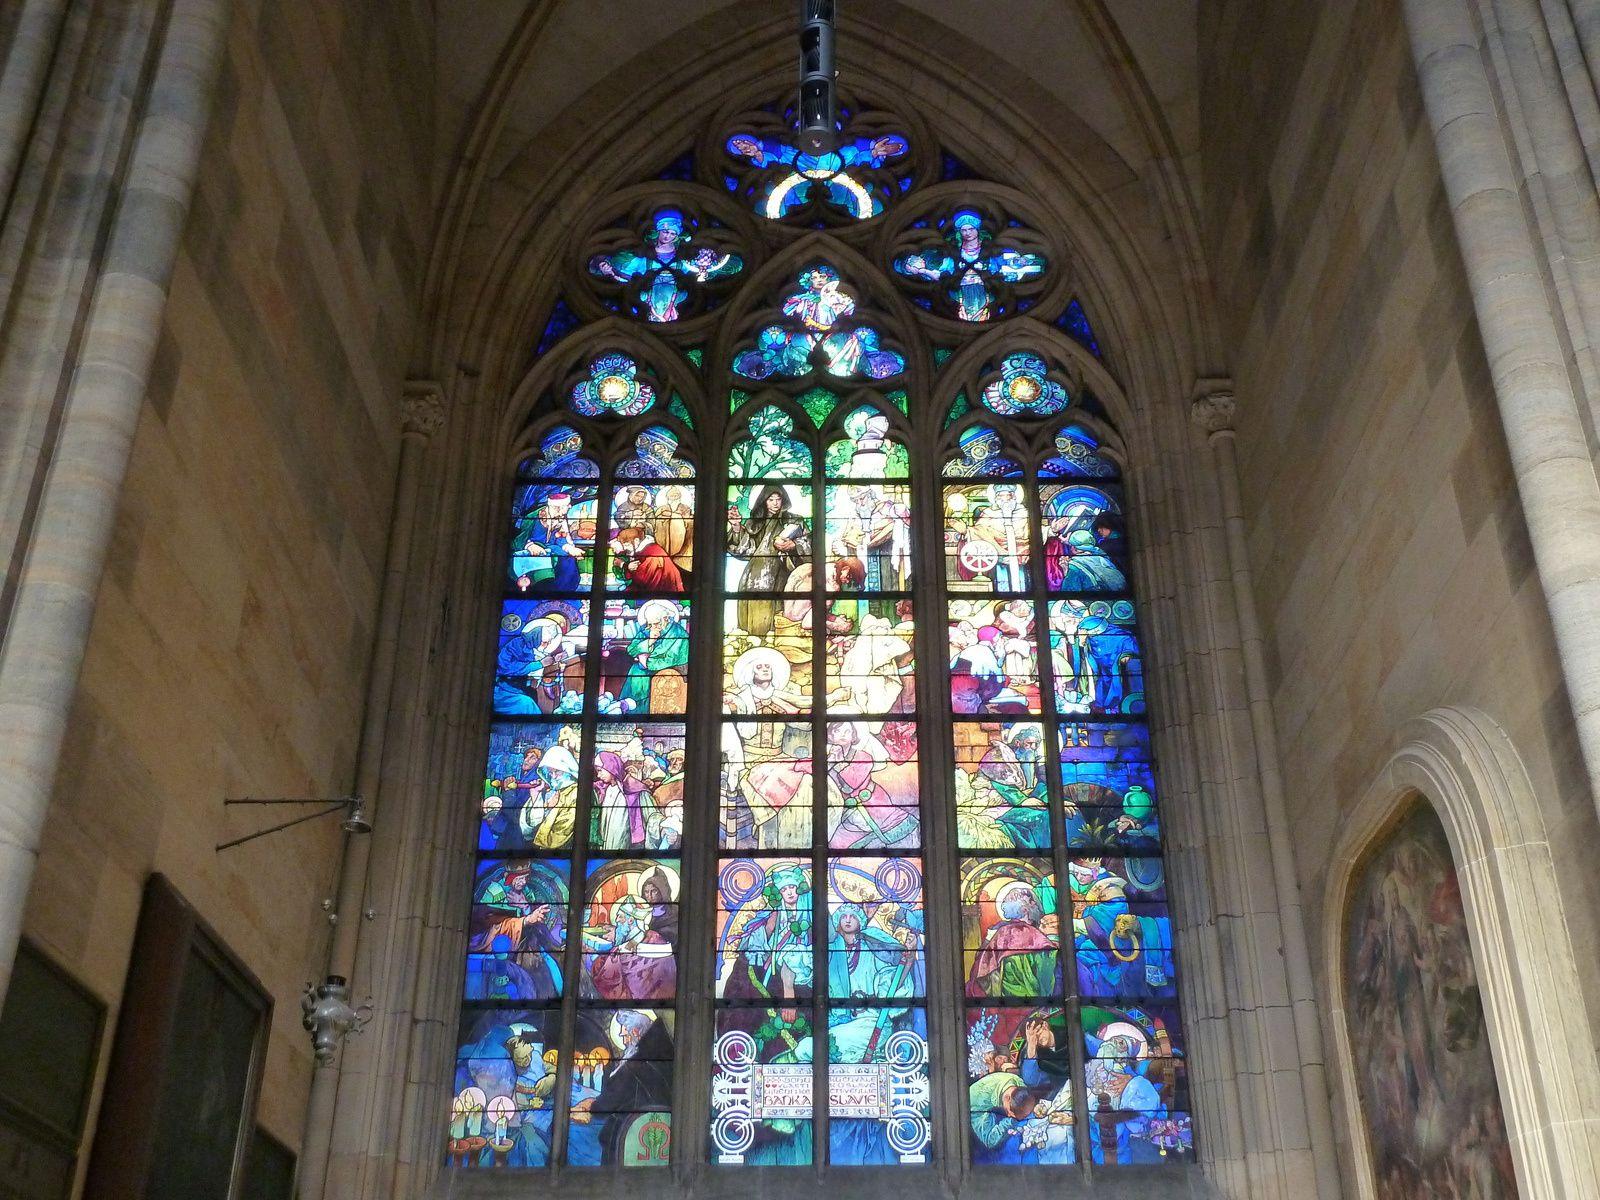 Superbe vitrail d'Alfons Mucha, grand maître de l'Art Nouveau, représentant Saints Cyrille et Méthode.